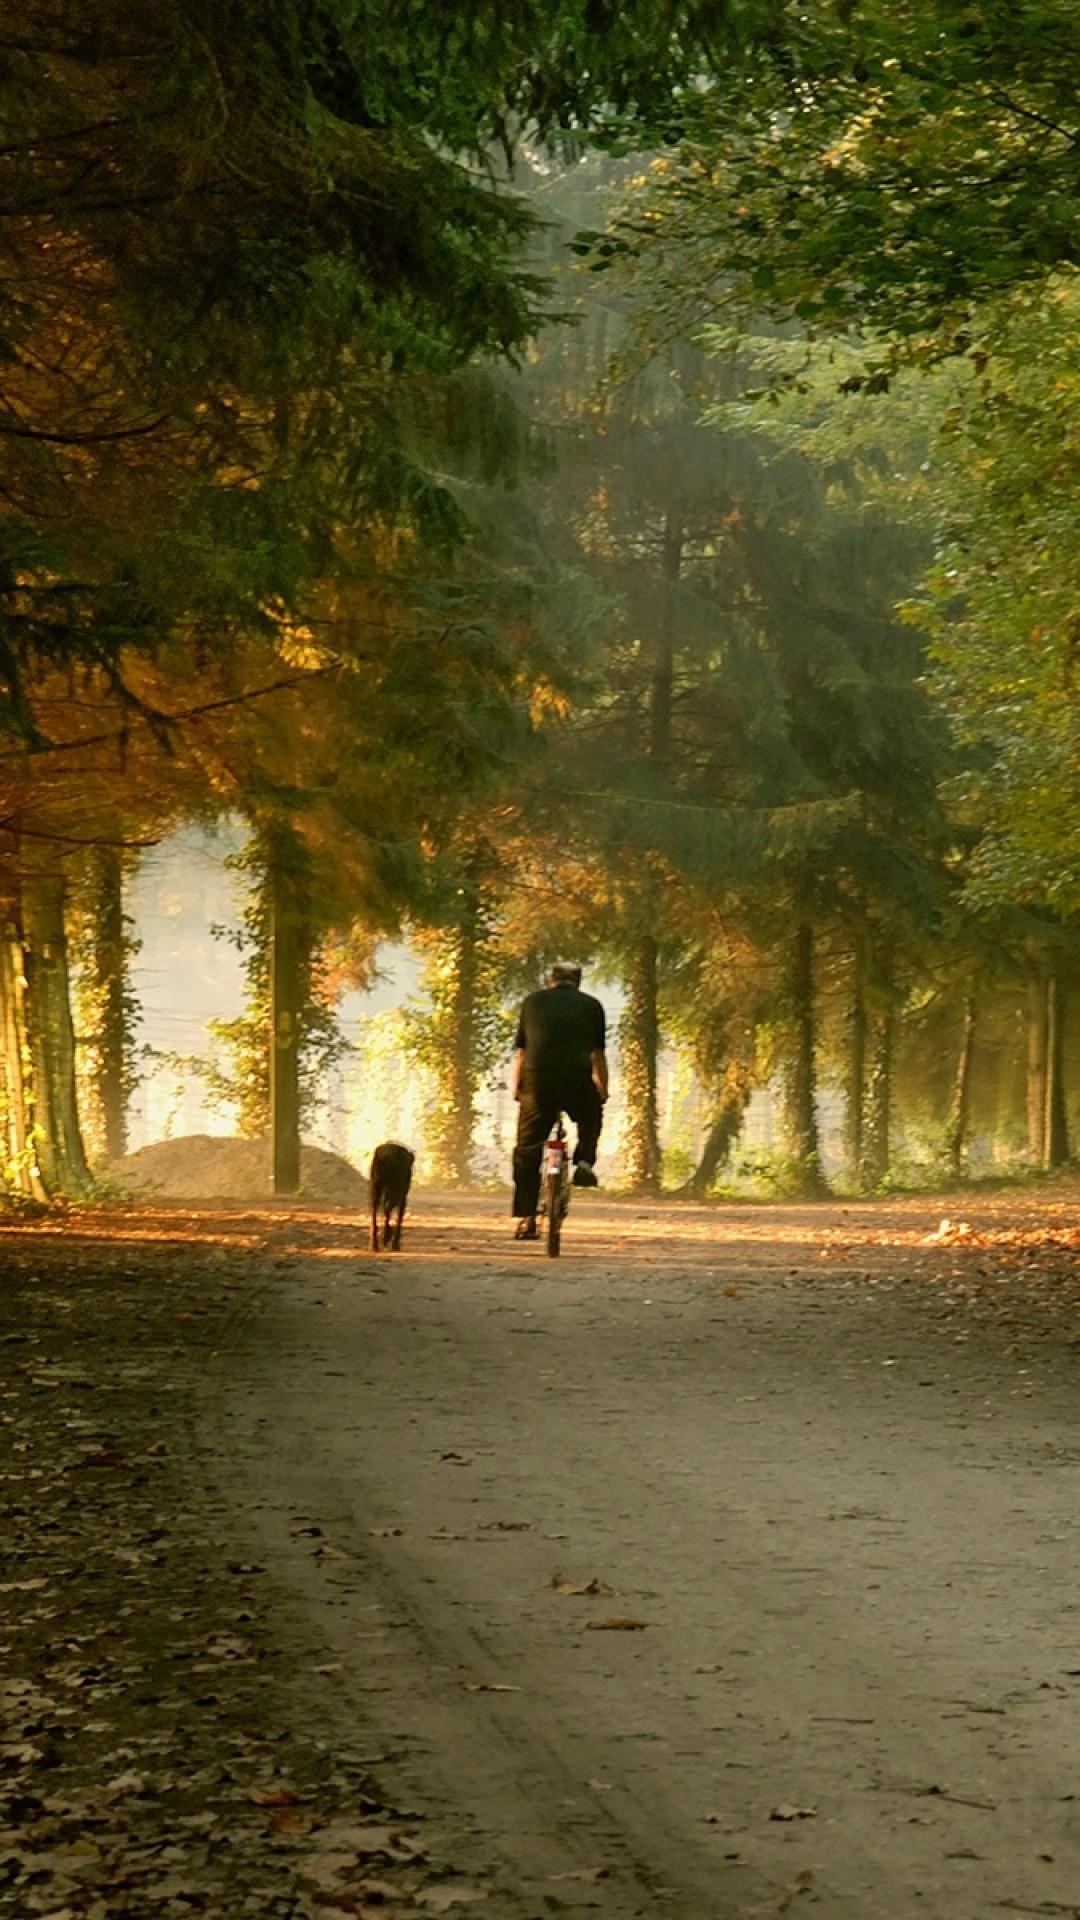 Preview wallpaper park, road, bike, skate, fall 1080×1920